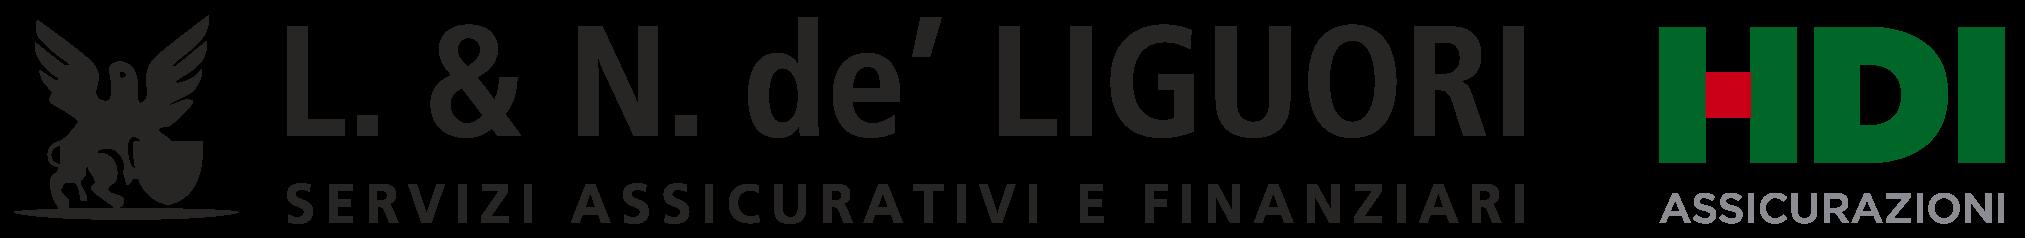 L. & N. de Liguori Assicurazioni | HDI Assicurazioni Roma